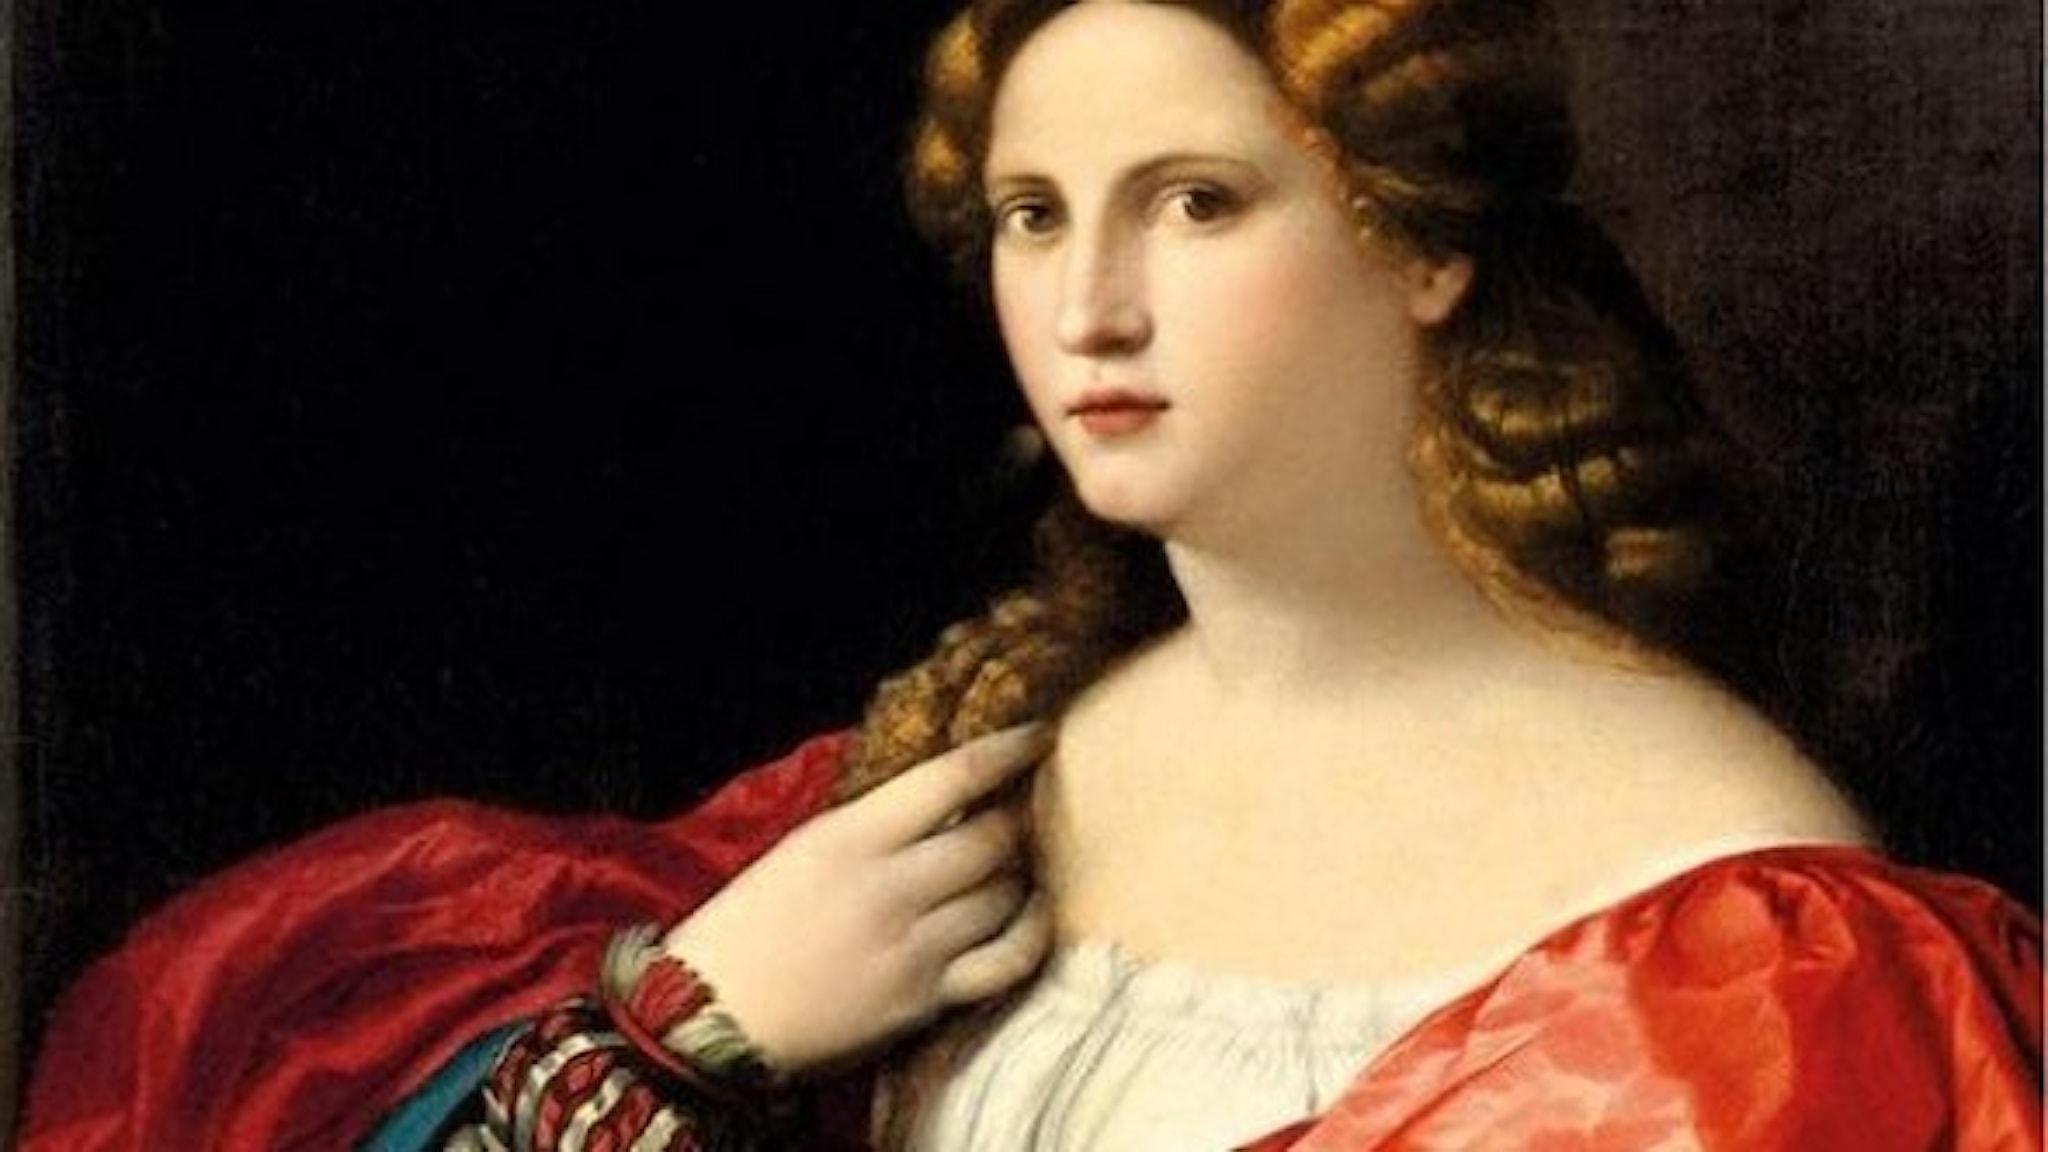 Porträtt av en ung kvinna med röd klänning och ljust lockigt hår